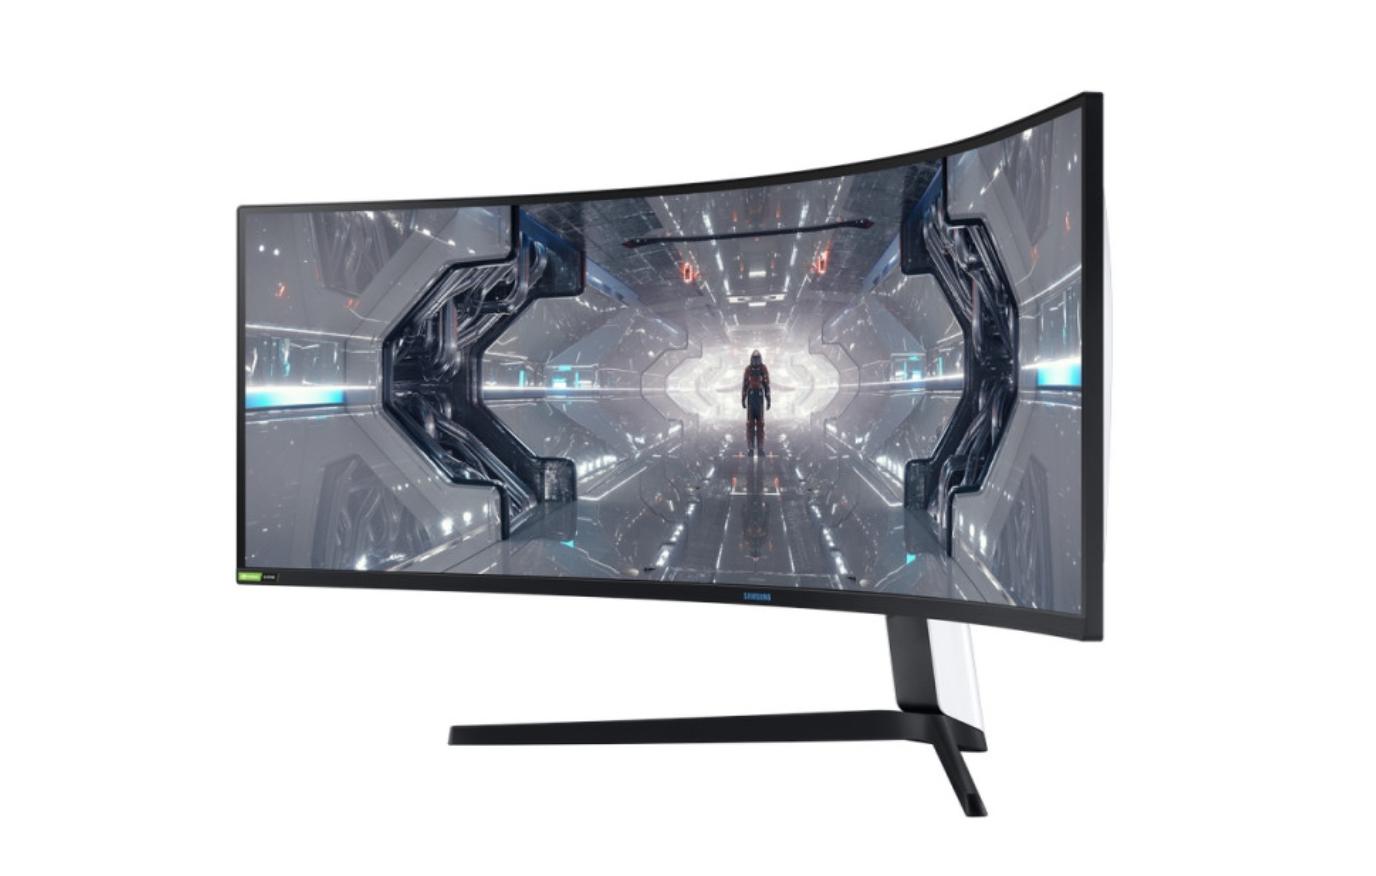 三星全新49寸曲面显示器上架:240Hz+5K 售价高达11000元